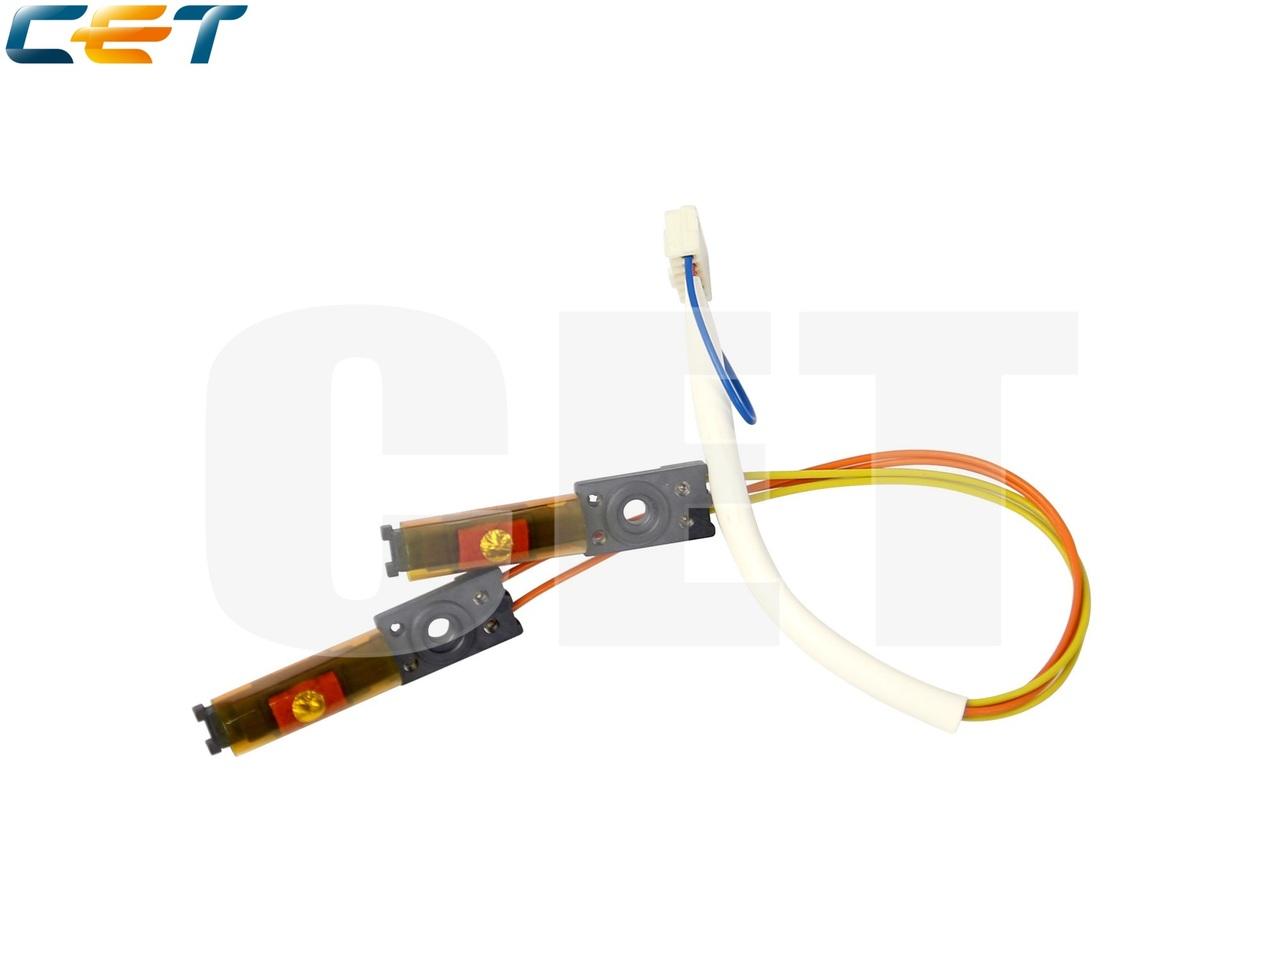 Термистор для CANON iR2270/2870/3570 (CET), CET5217